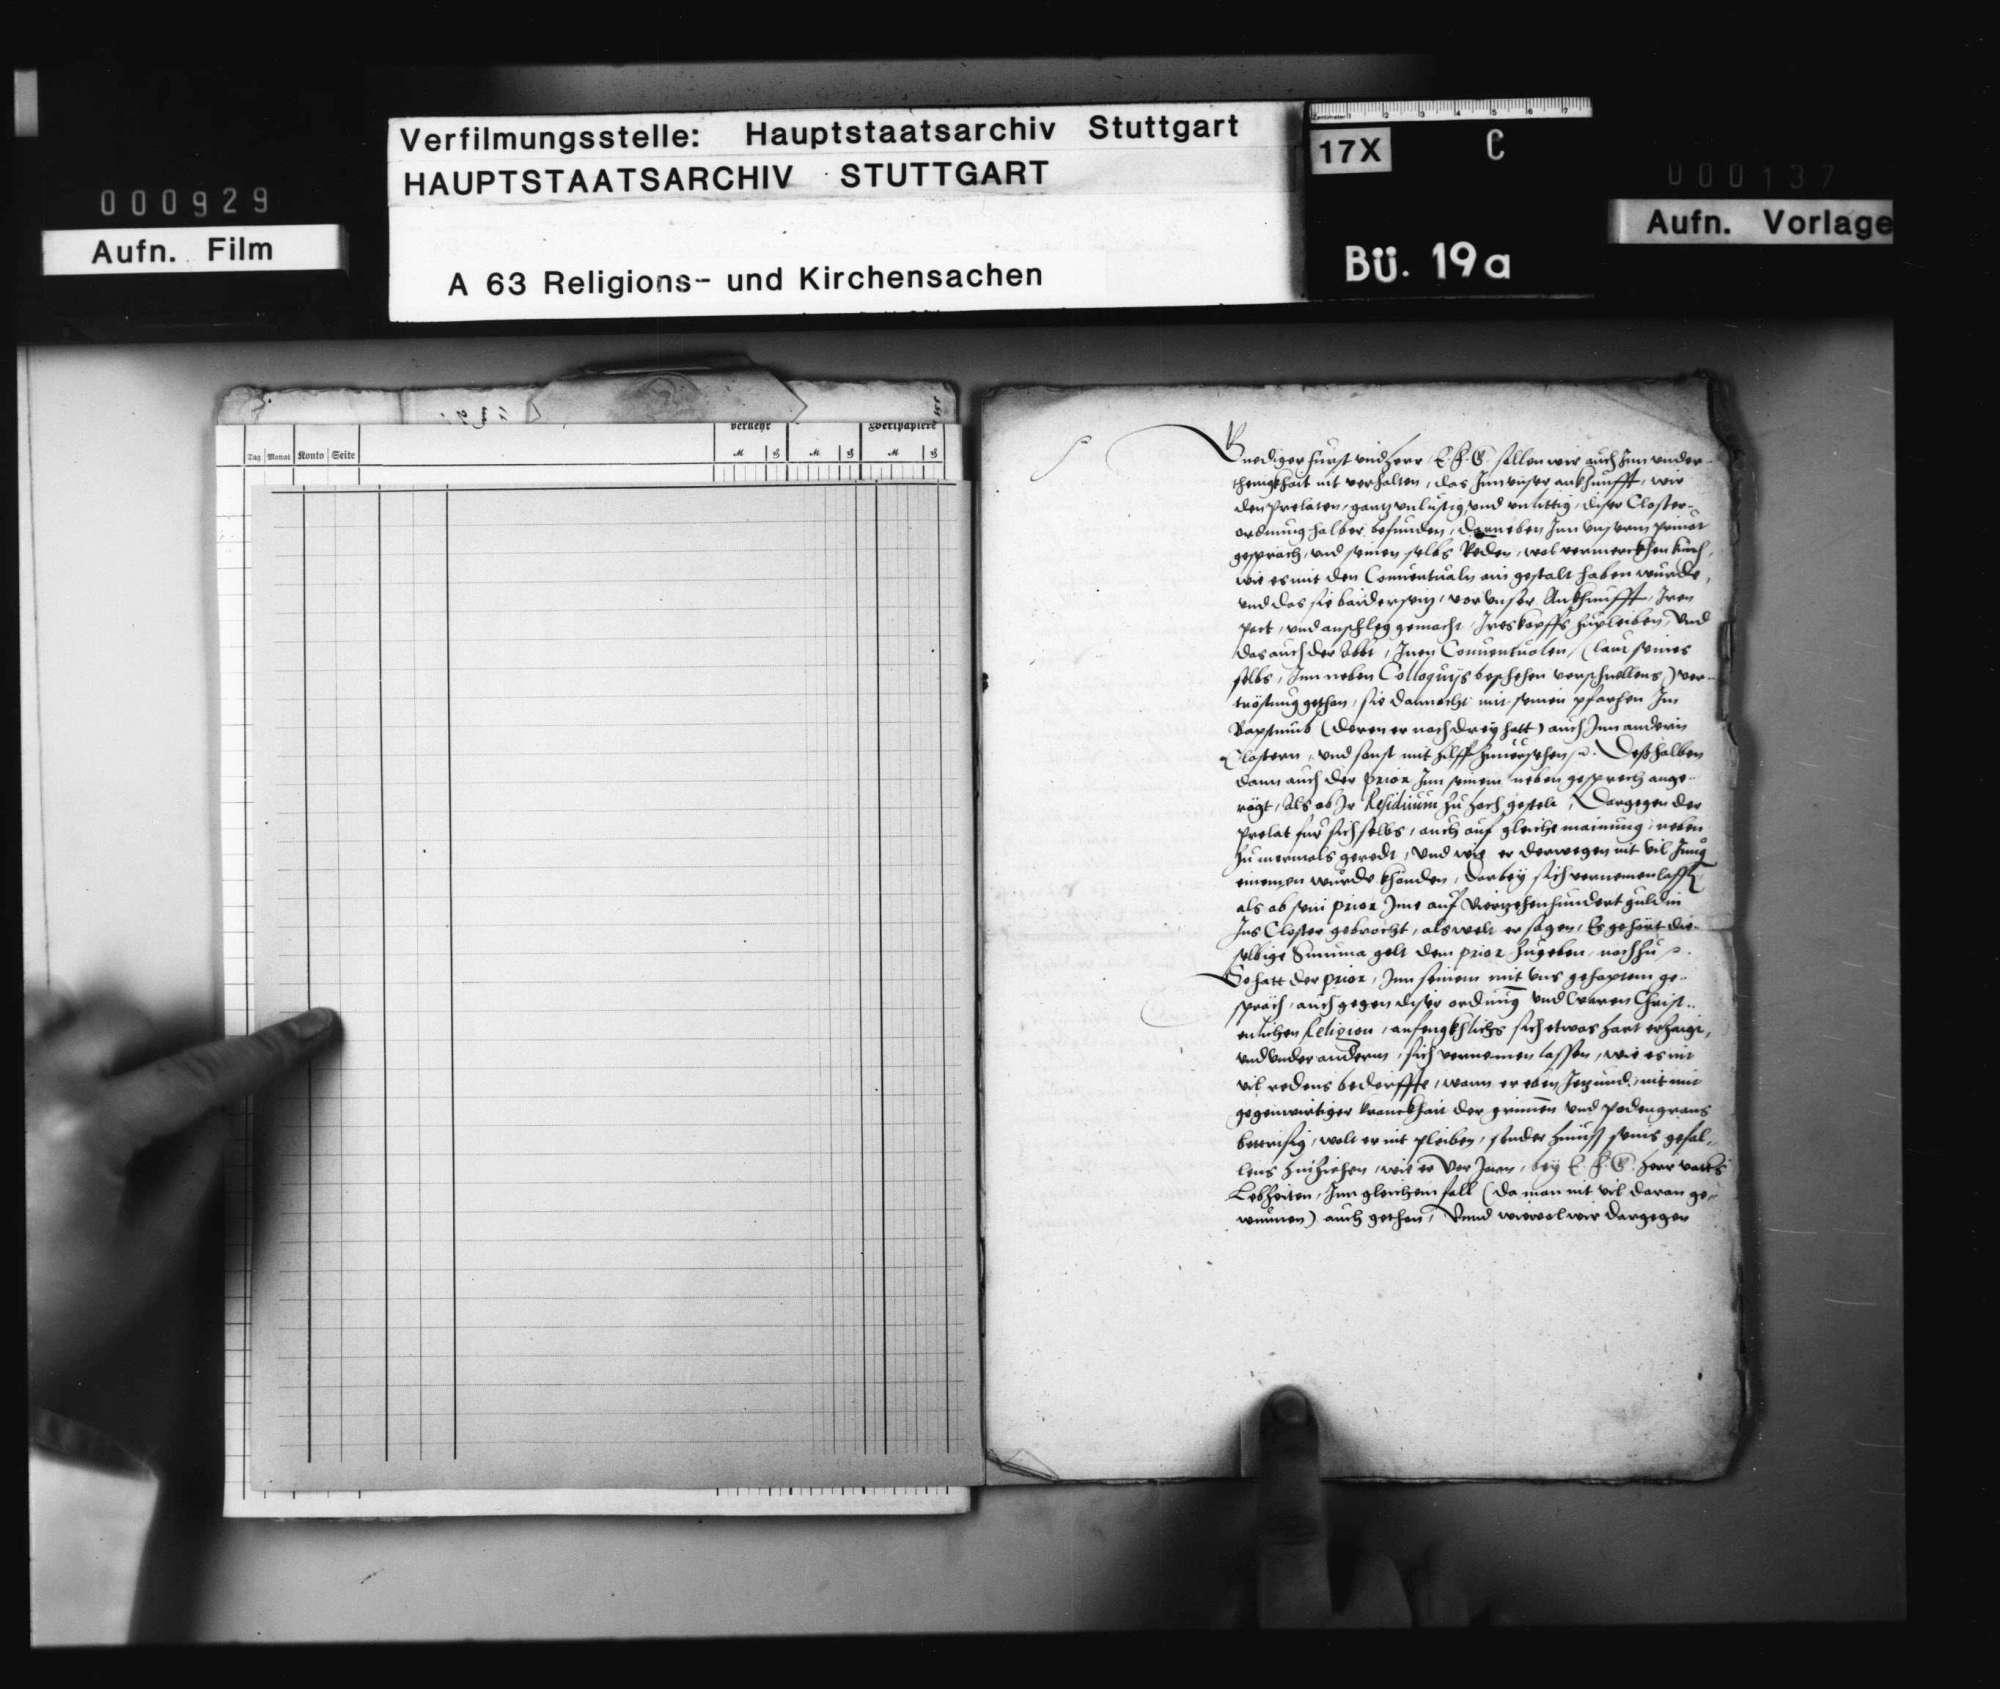 Geheimer Nebenbericht einer herzoglichen Kommission über die Weigerung des Prälaten von Adelberg und seiner Konventualen, die Klosterordnung Herzog Christophs anzunehmen. Original Papier., Bild 2